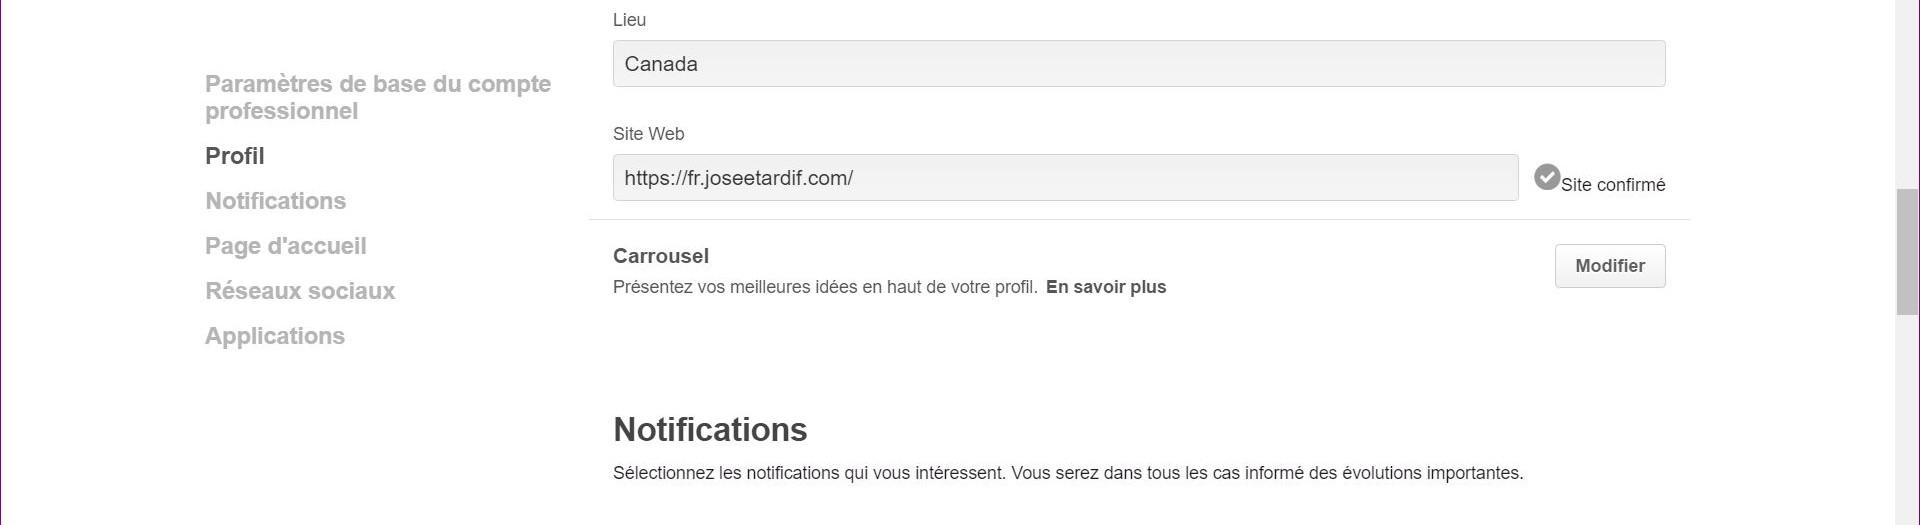 Fenêtre pour valider site web dans Pinterest